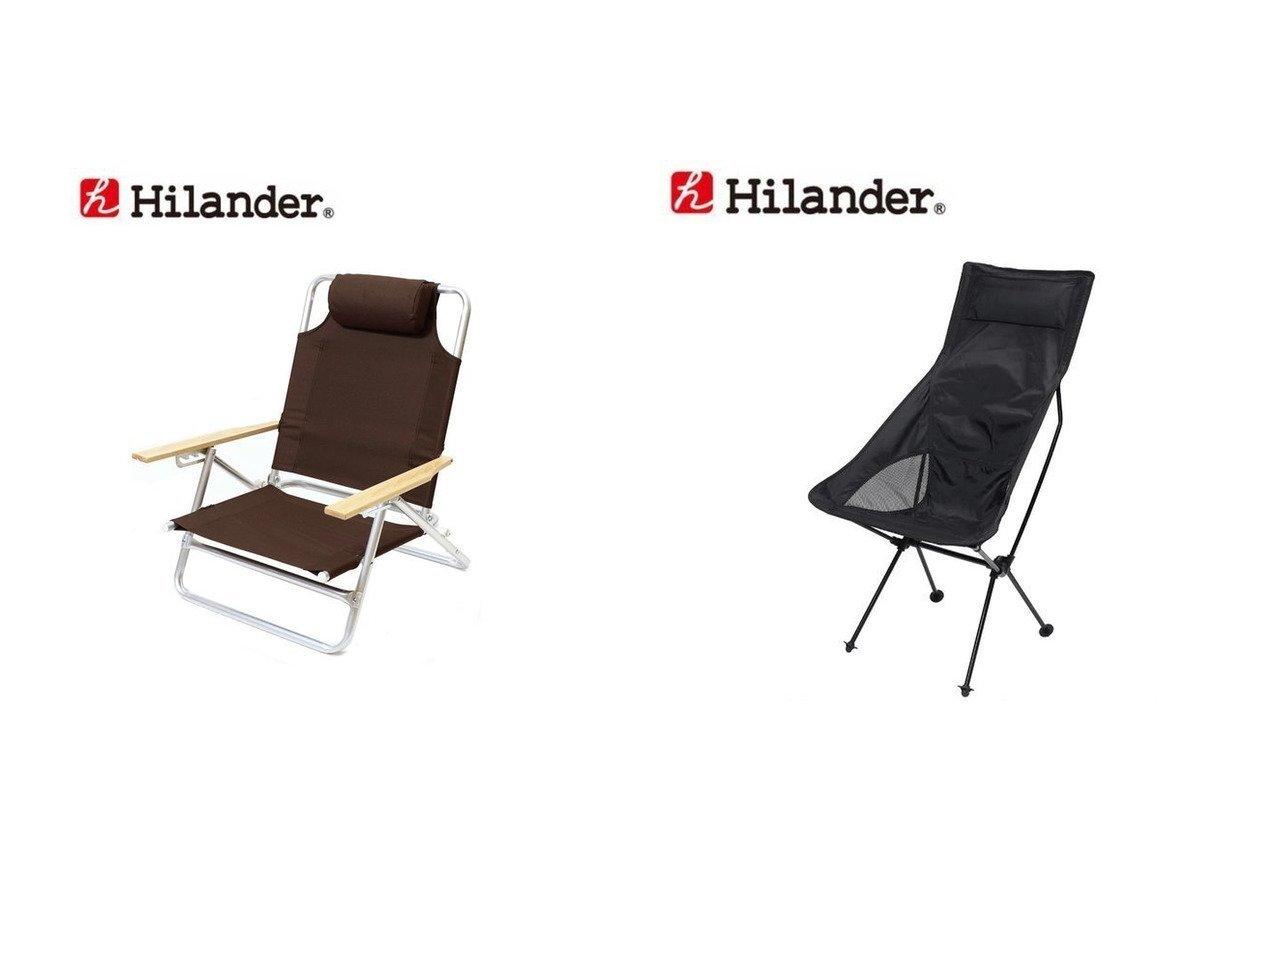 【Hilander/ハイランダー】のリクライニングローチェア&アルミコンパクトチェア 【アウトドアチェア】おすすめ!人気キャンプ・アウトドア用品の通販 おすすめで人気の流行・トレンド、ファッションの通販商品 インテリア・家具・メンズファッション・キッズファッション・レディースファッション・服の通販 founy(ファニー) https://founy.com/ アウトドア コンパクト スタンド テーブル フレーム 軽量 おすすめ Recommend ホーム・キャンプ・アウトドア Home,Garden,Outdoor,Camping Gear キャンプ用品・アウトドア  Camping Gear & Outdoor Supplies チェア テーブル Camp Chairs, Camping Tables  ID:crp329100000050198